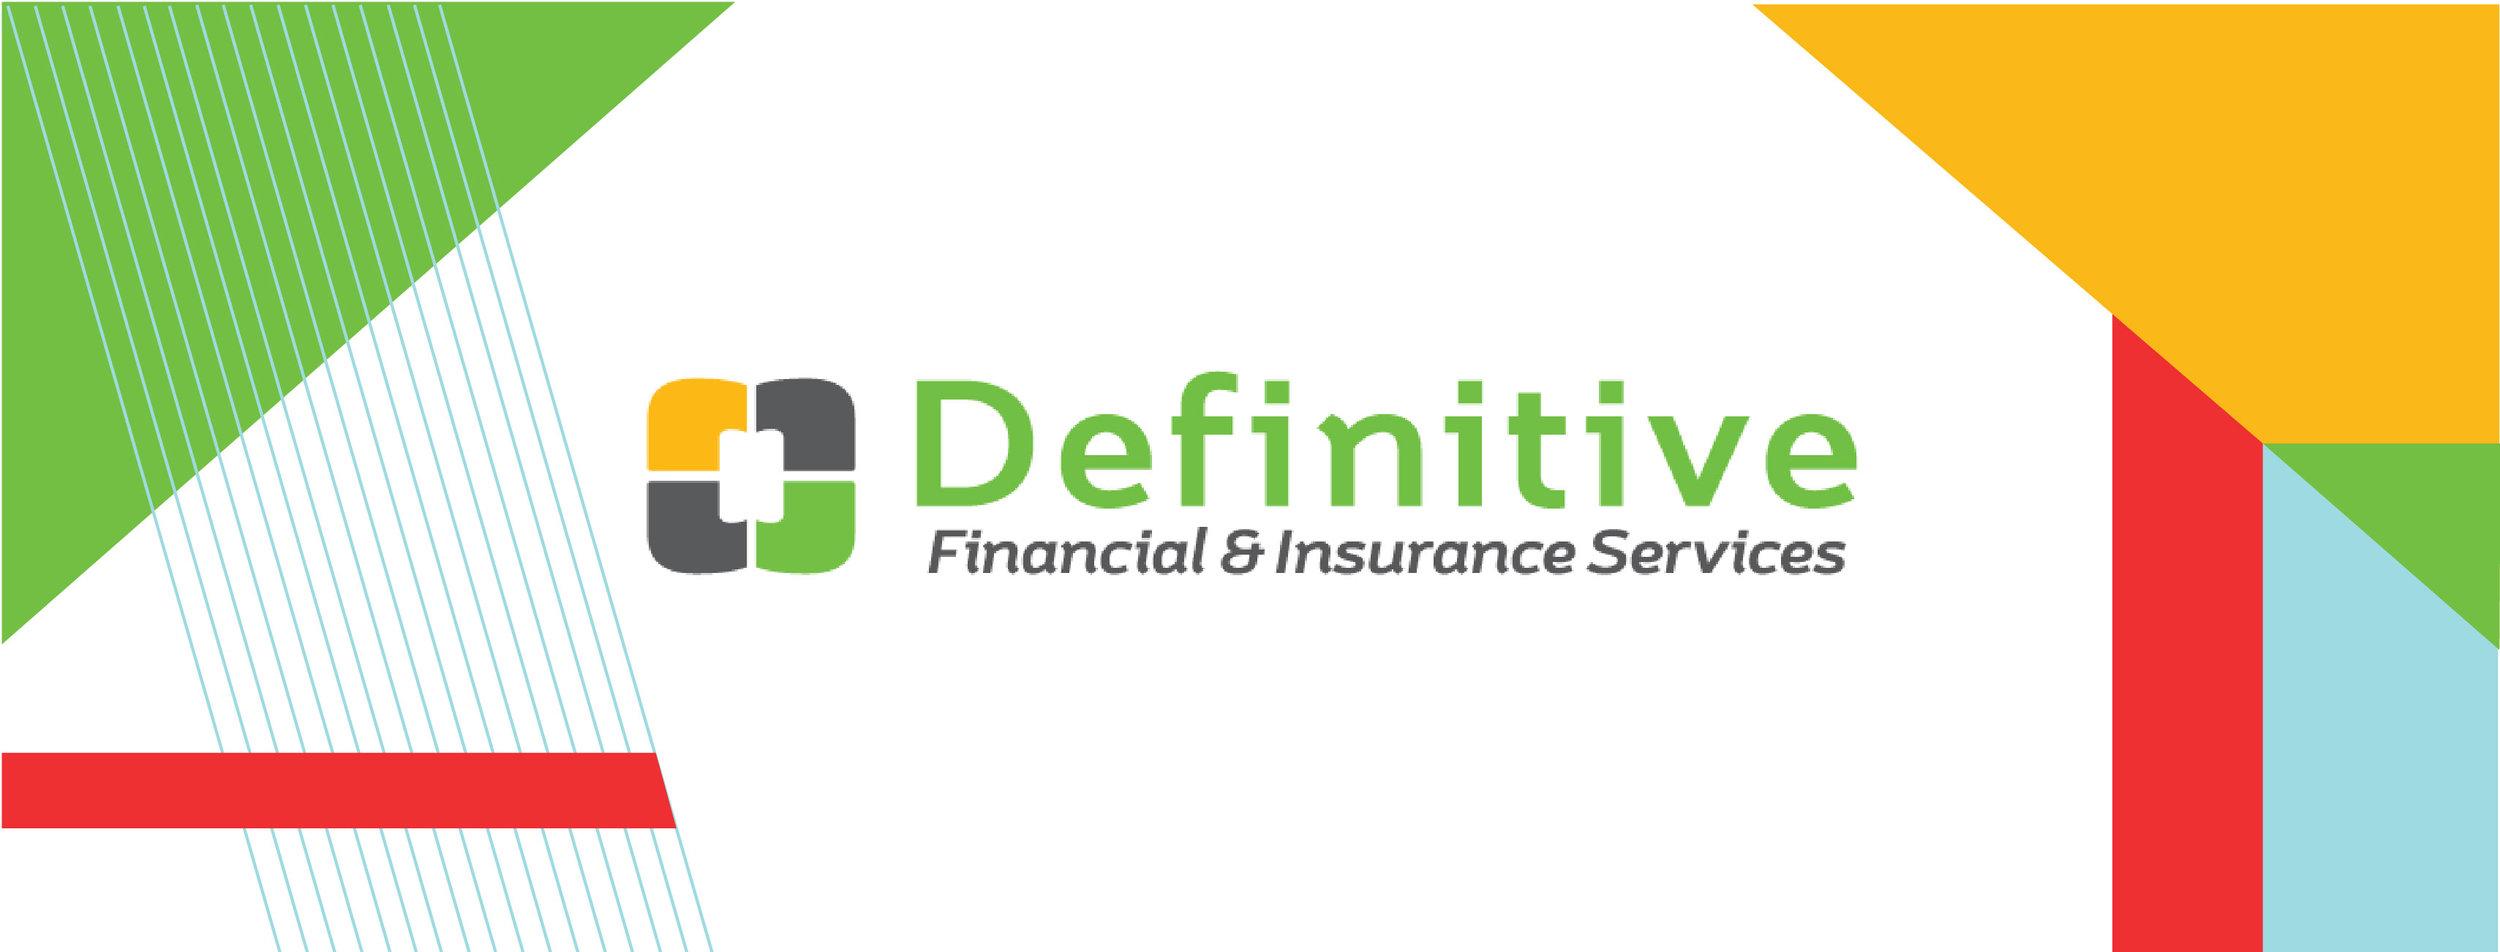 Definitive Financial Cover Photos_Facebook Cover Photo 2.jpg